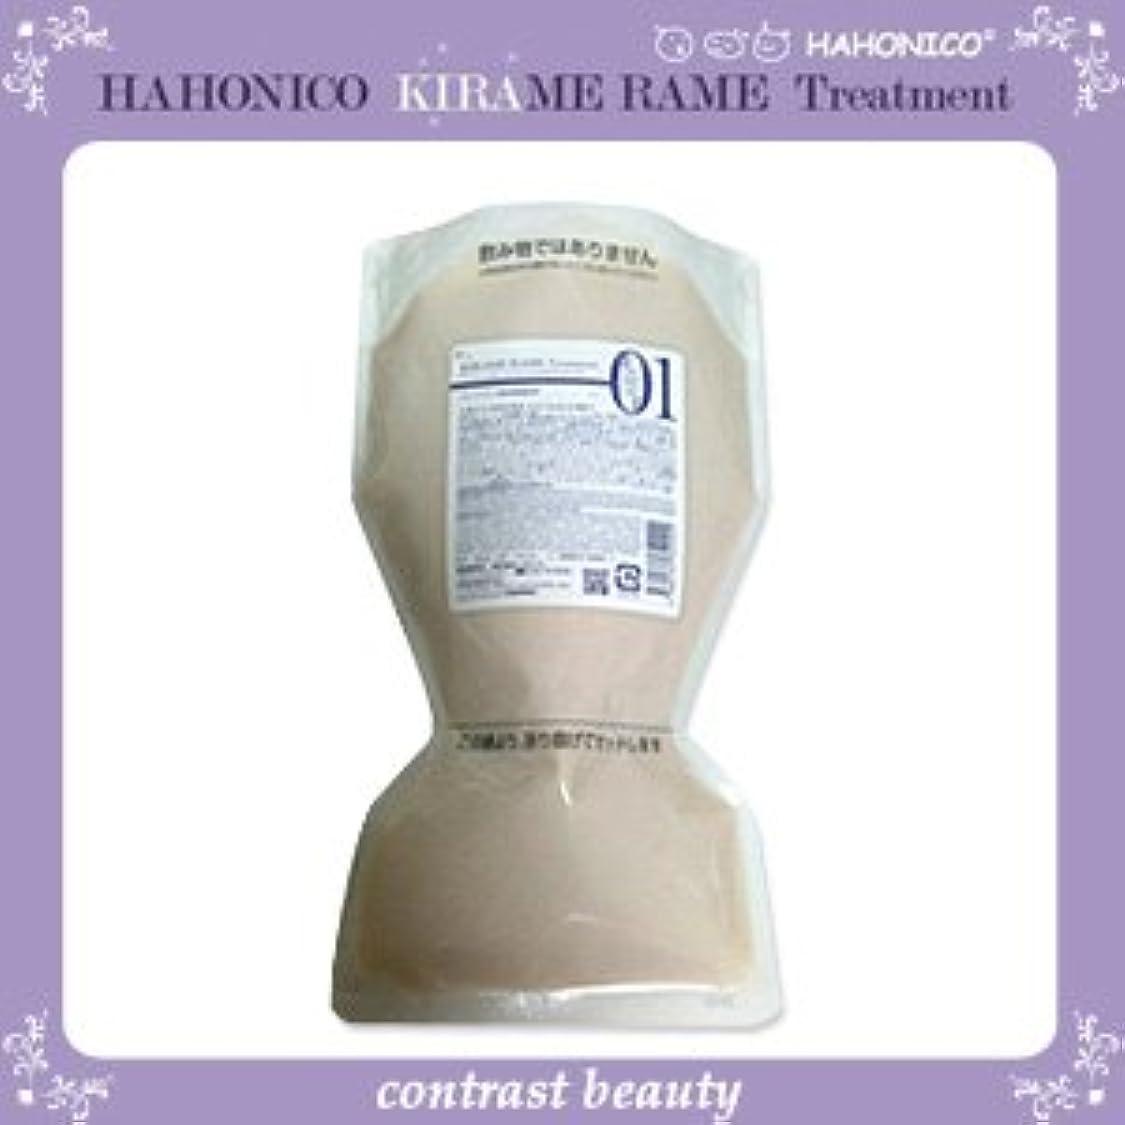 レビュアー金属暗記する【X3個セット】 ハホニコ キラメラメ トリートメントNo.1 500g (詰め替え) KIRAME RAME HAHONICO